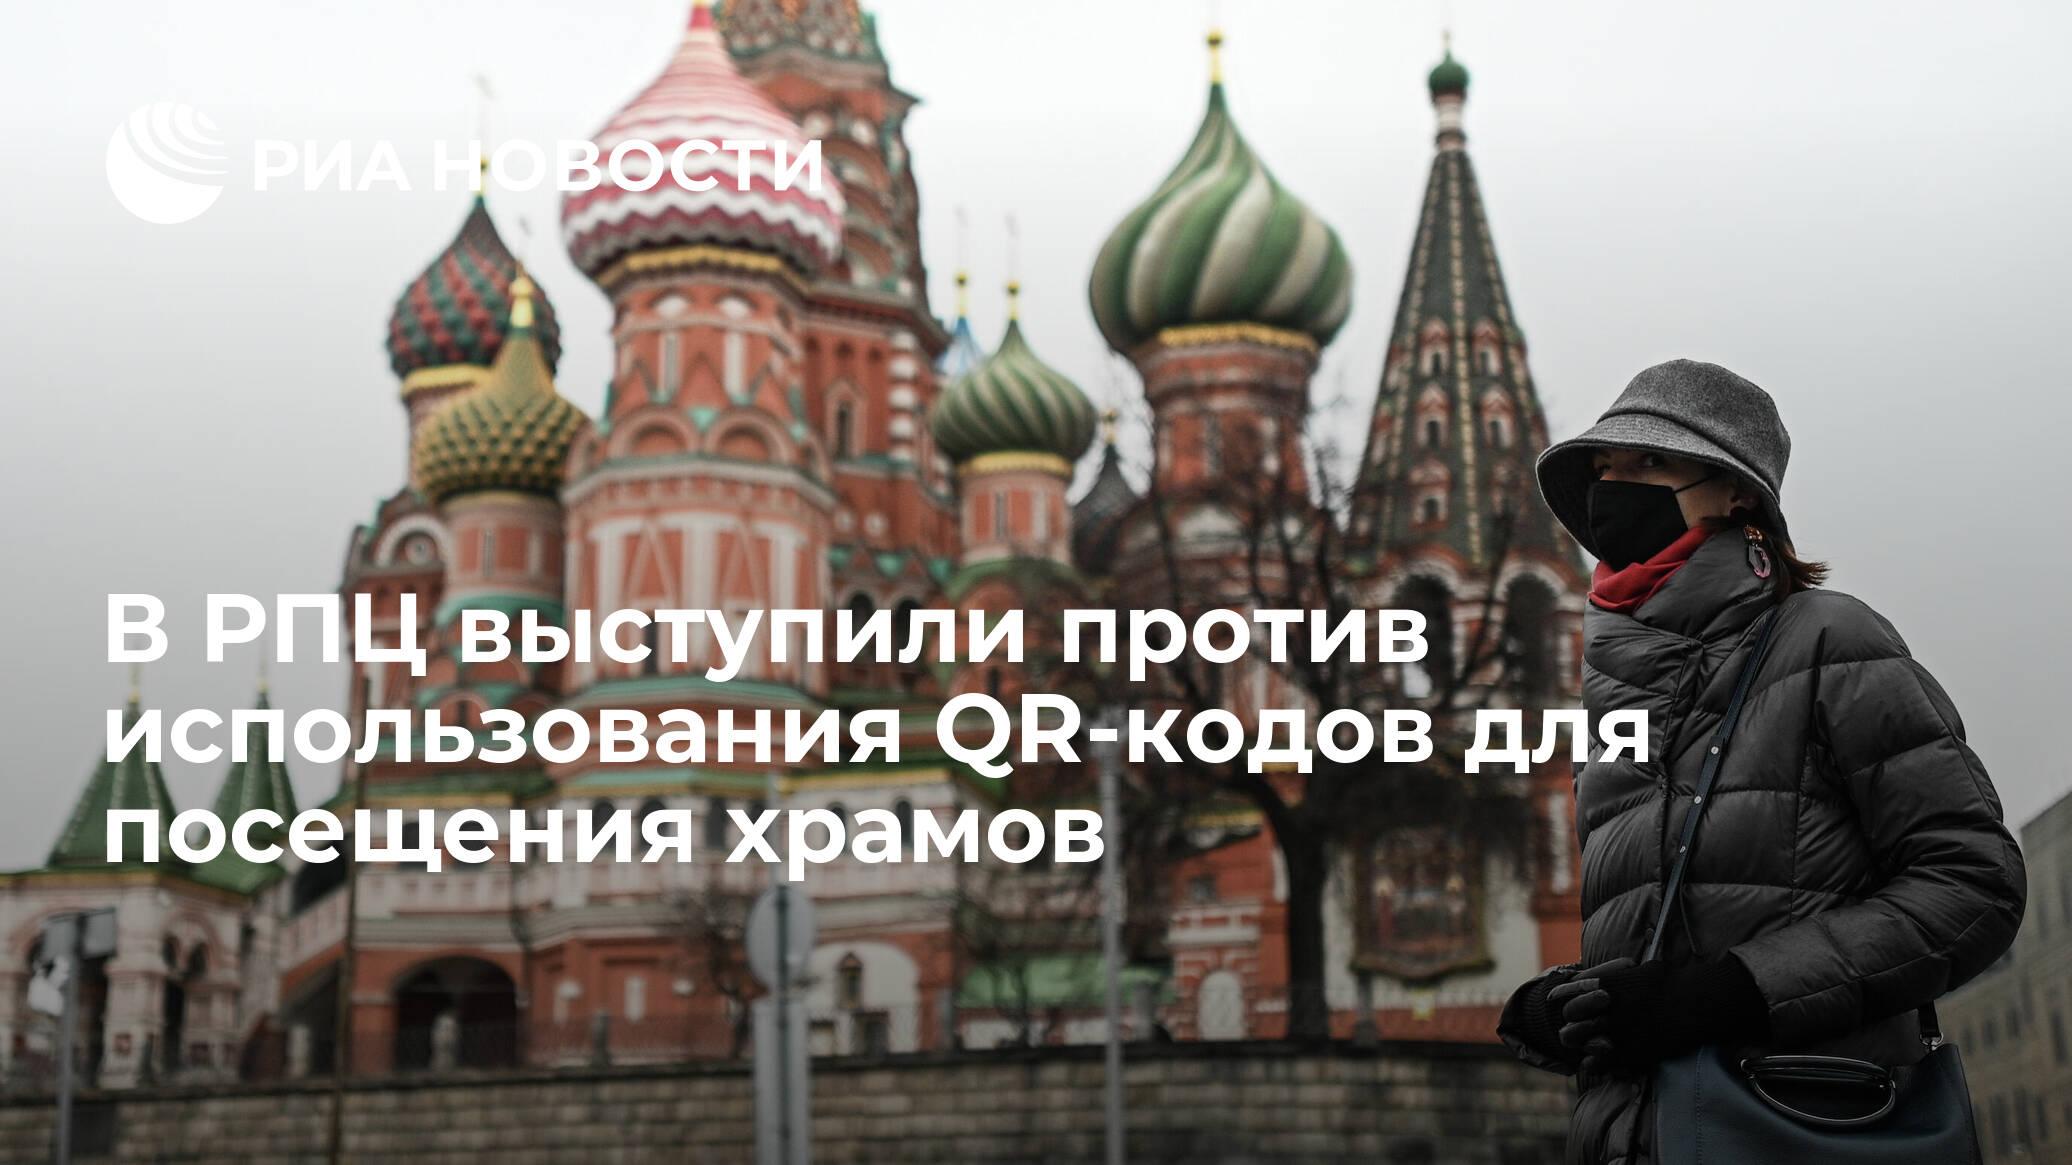 В РПЦ выступили против использования QR-кодов для посещения храмов